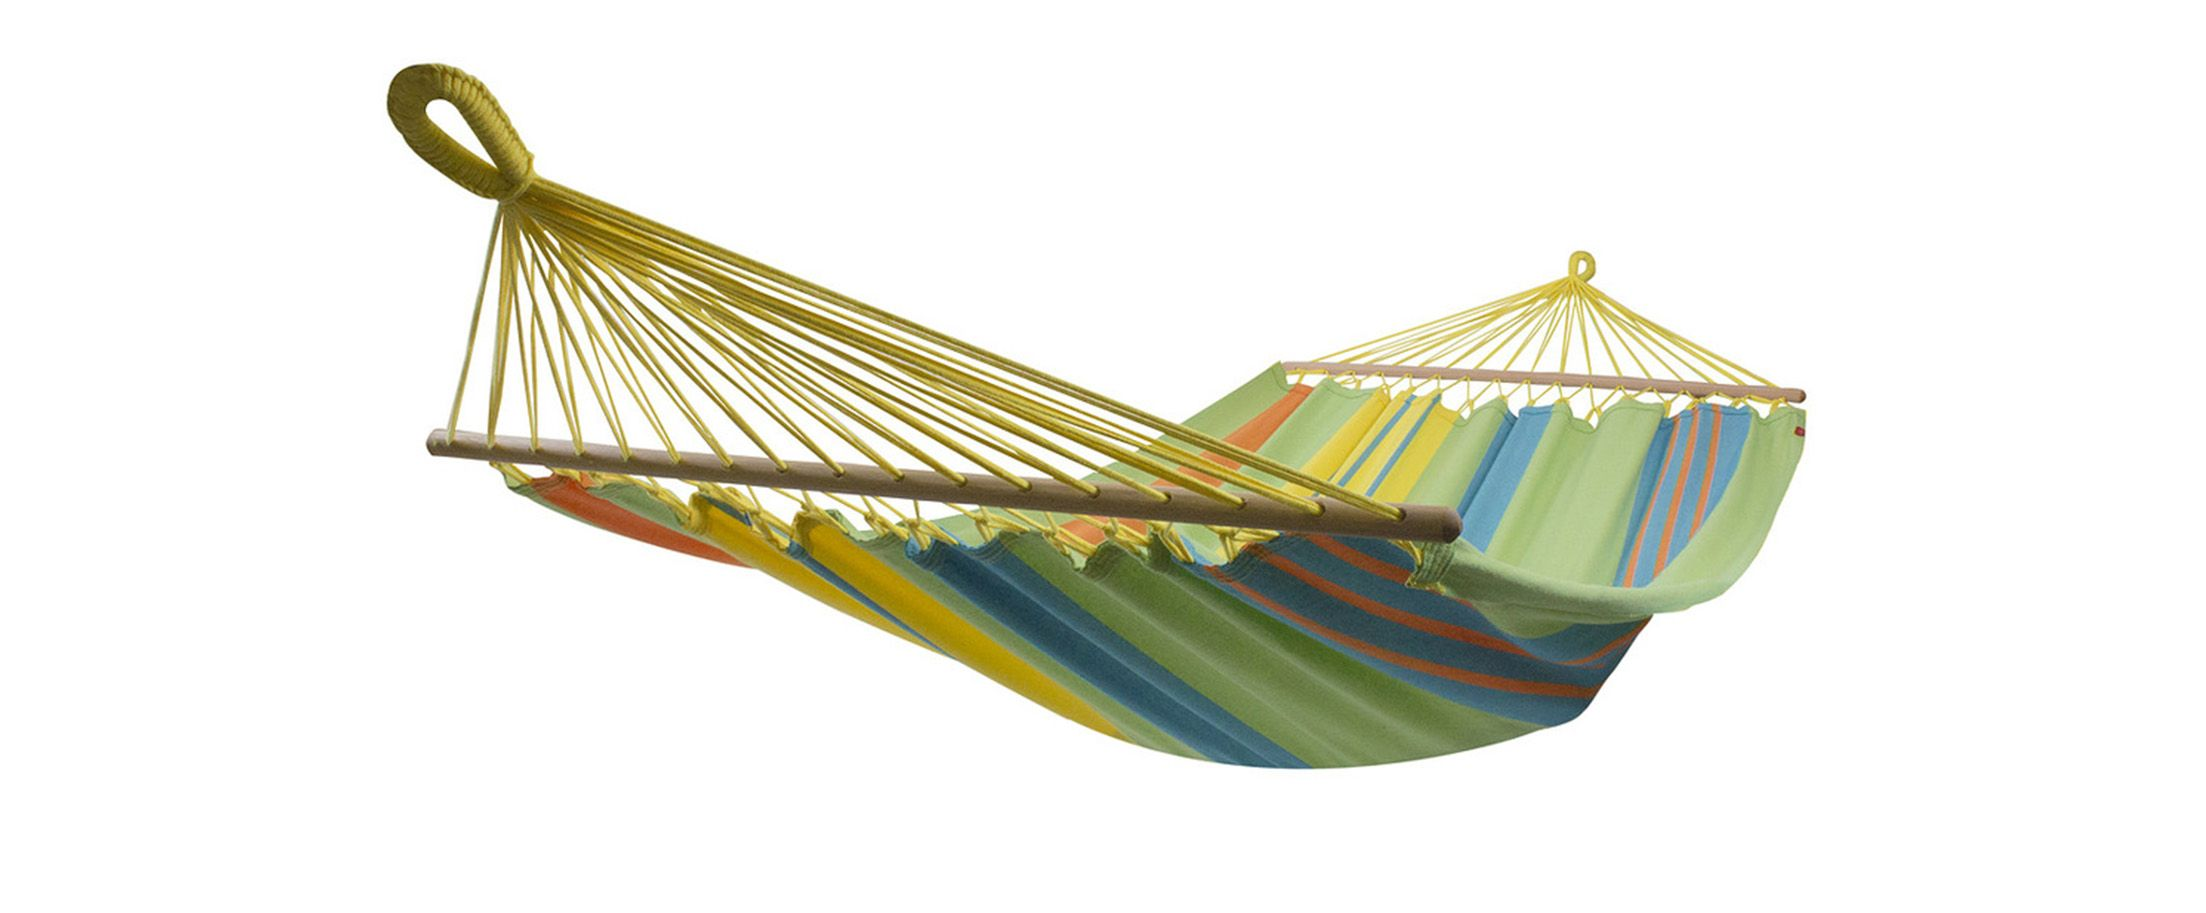 Двухместный гамак с перекладинами Milli tropic Модель 576